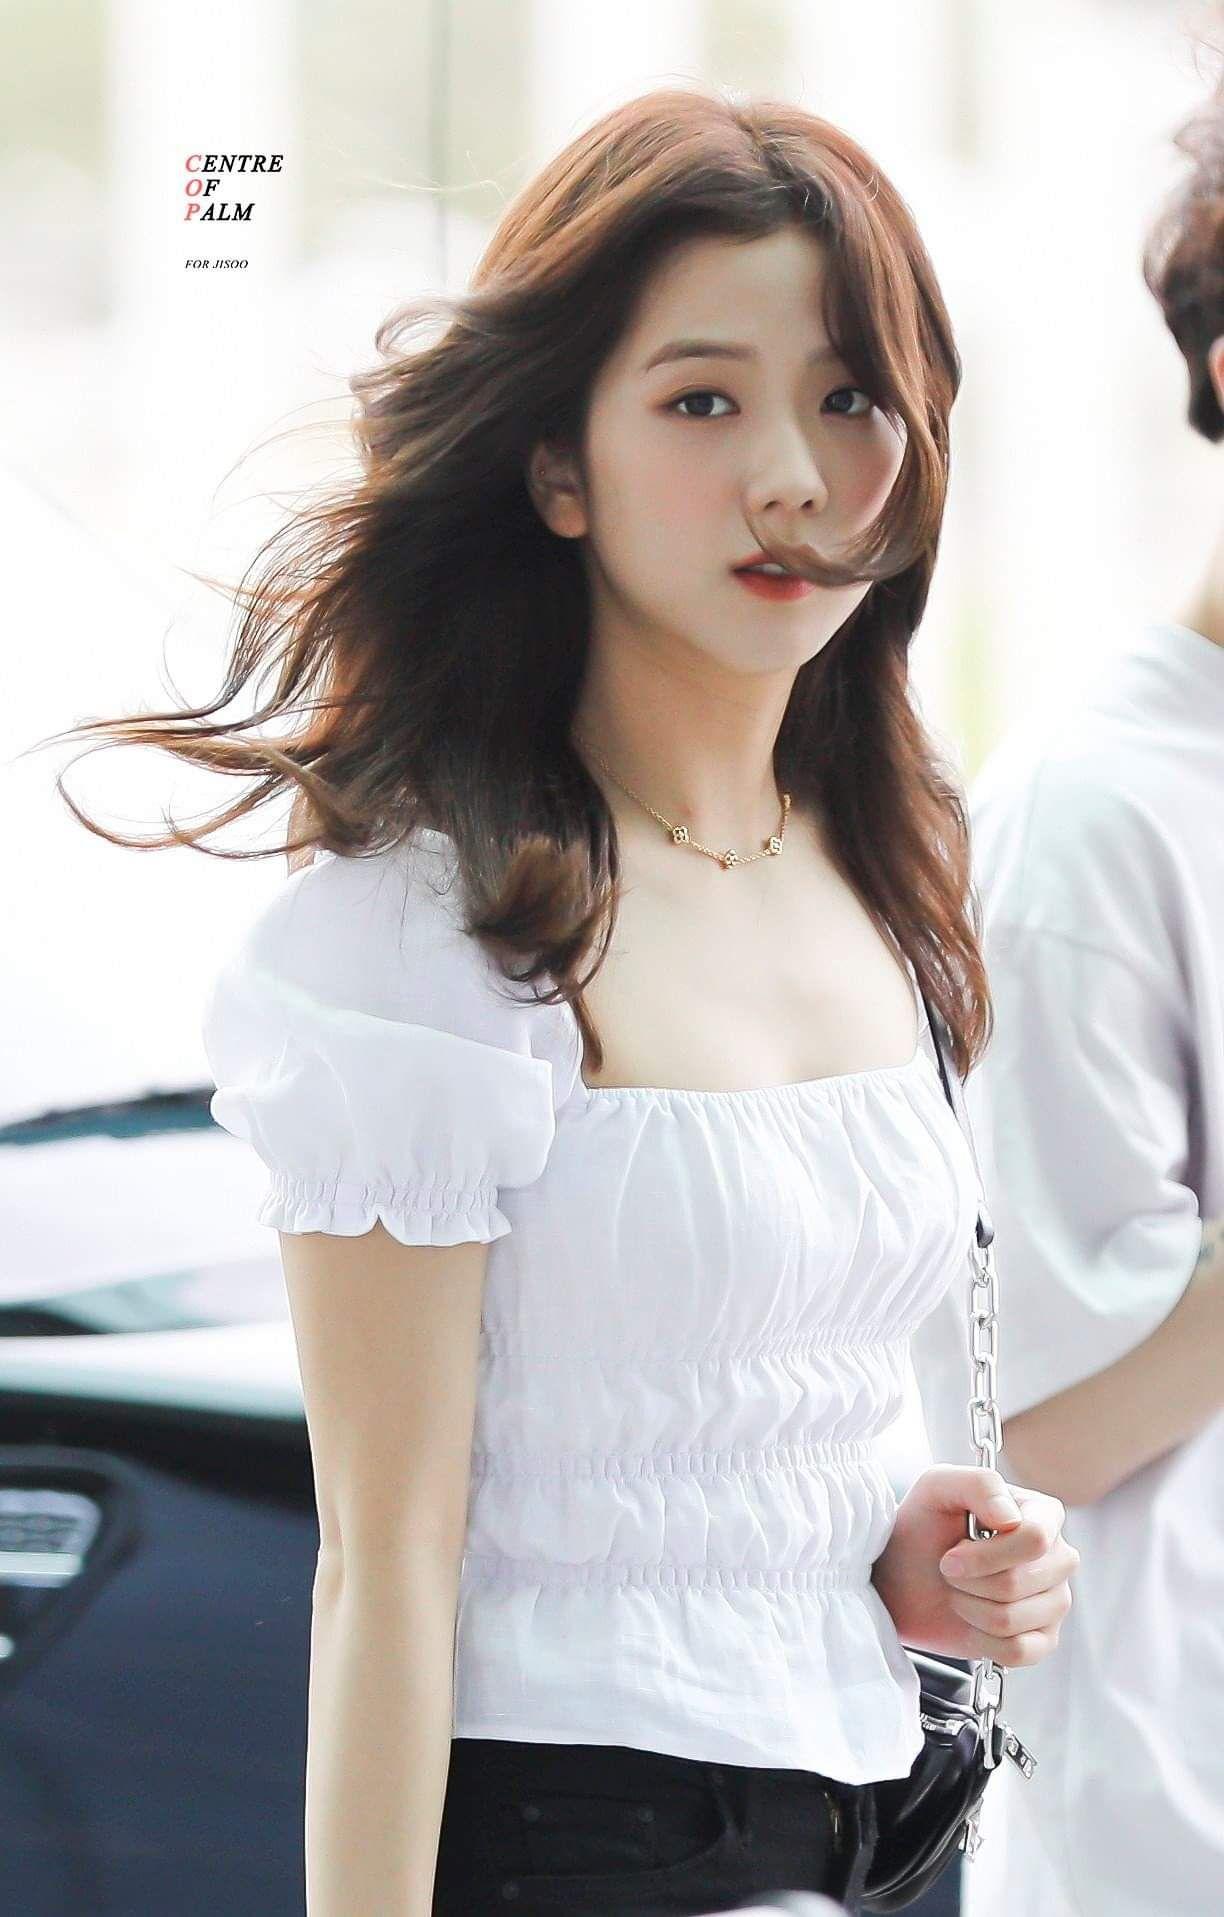 Jisoo có một điểm tuyệt phẩm ít người để ý nhưng lại giúp cô luôn đẹp như nữ chính ngôn tình tại sân bay - Ảnh 3.